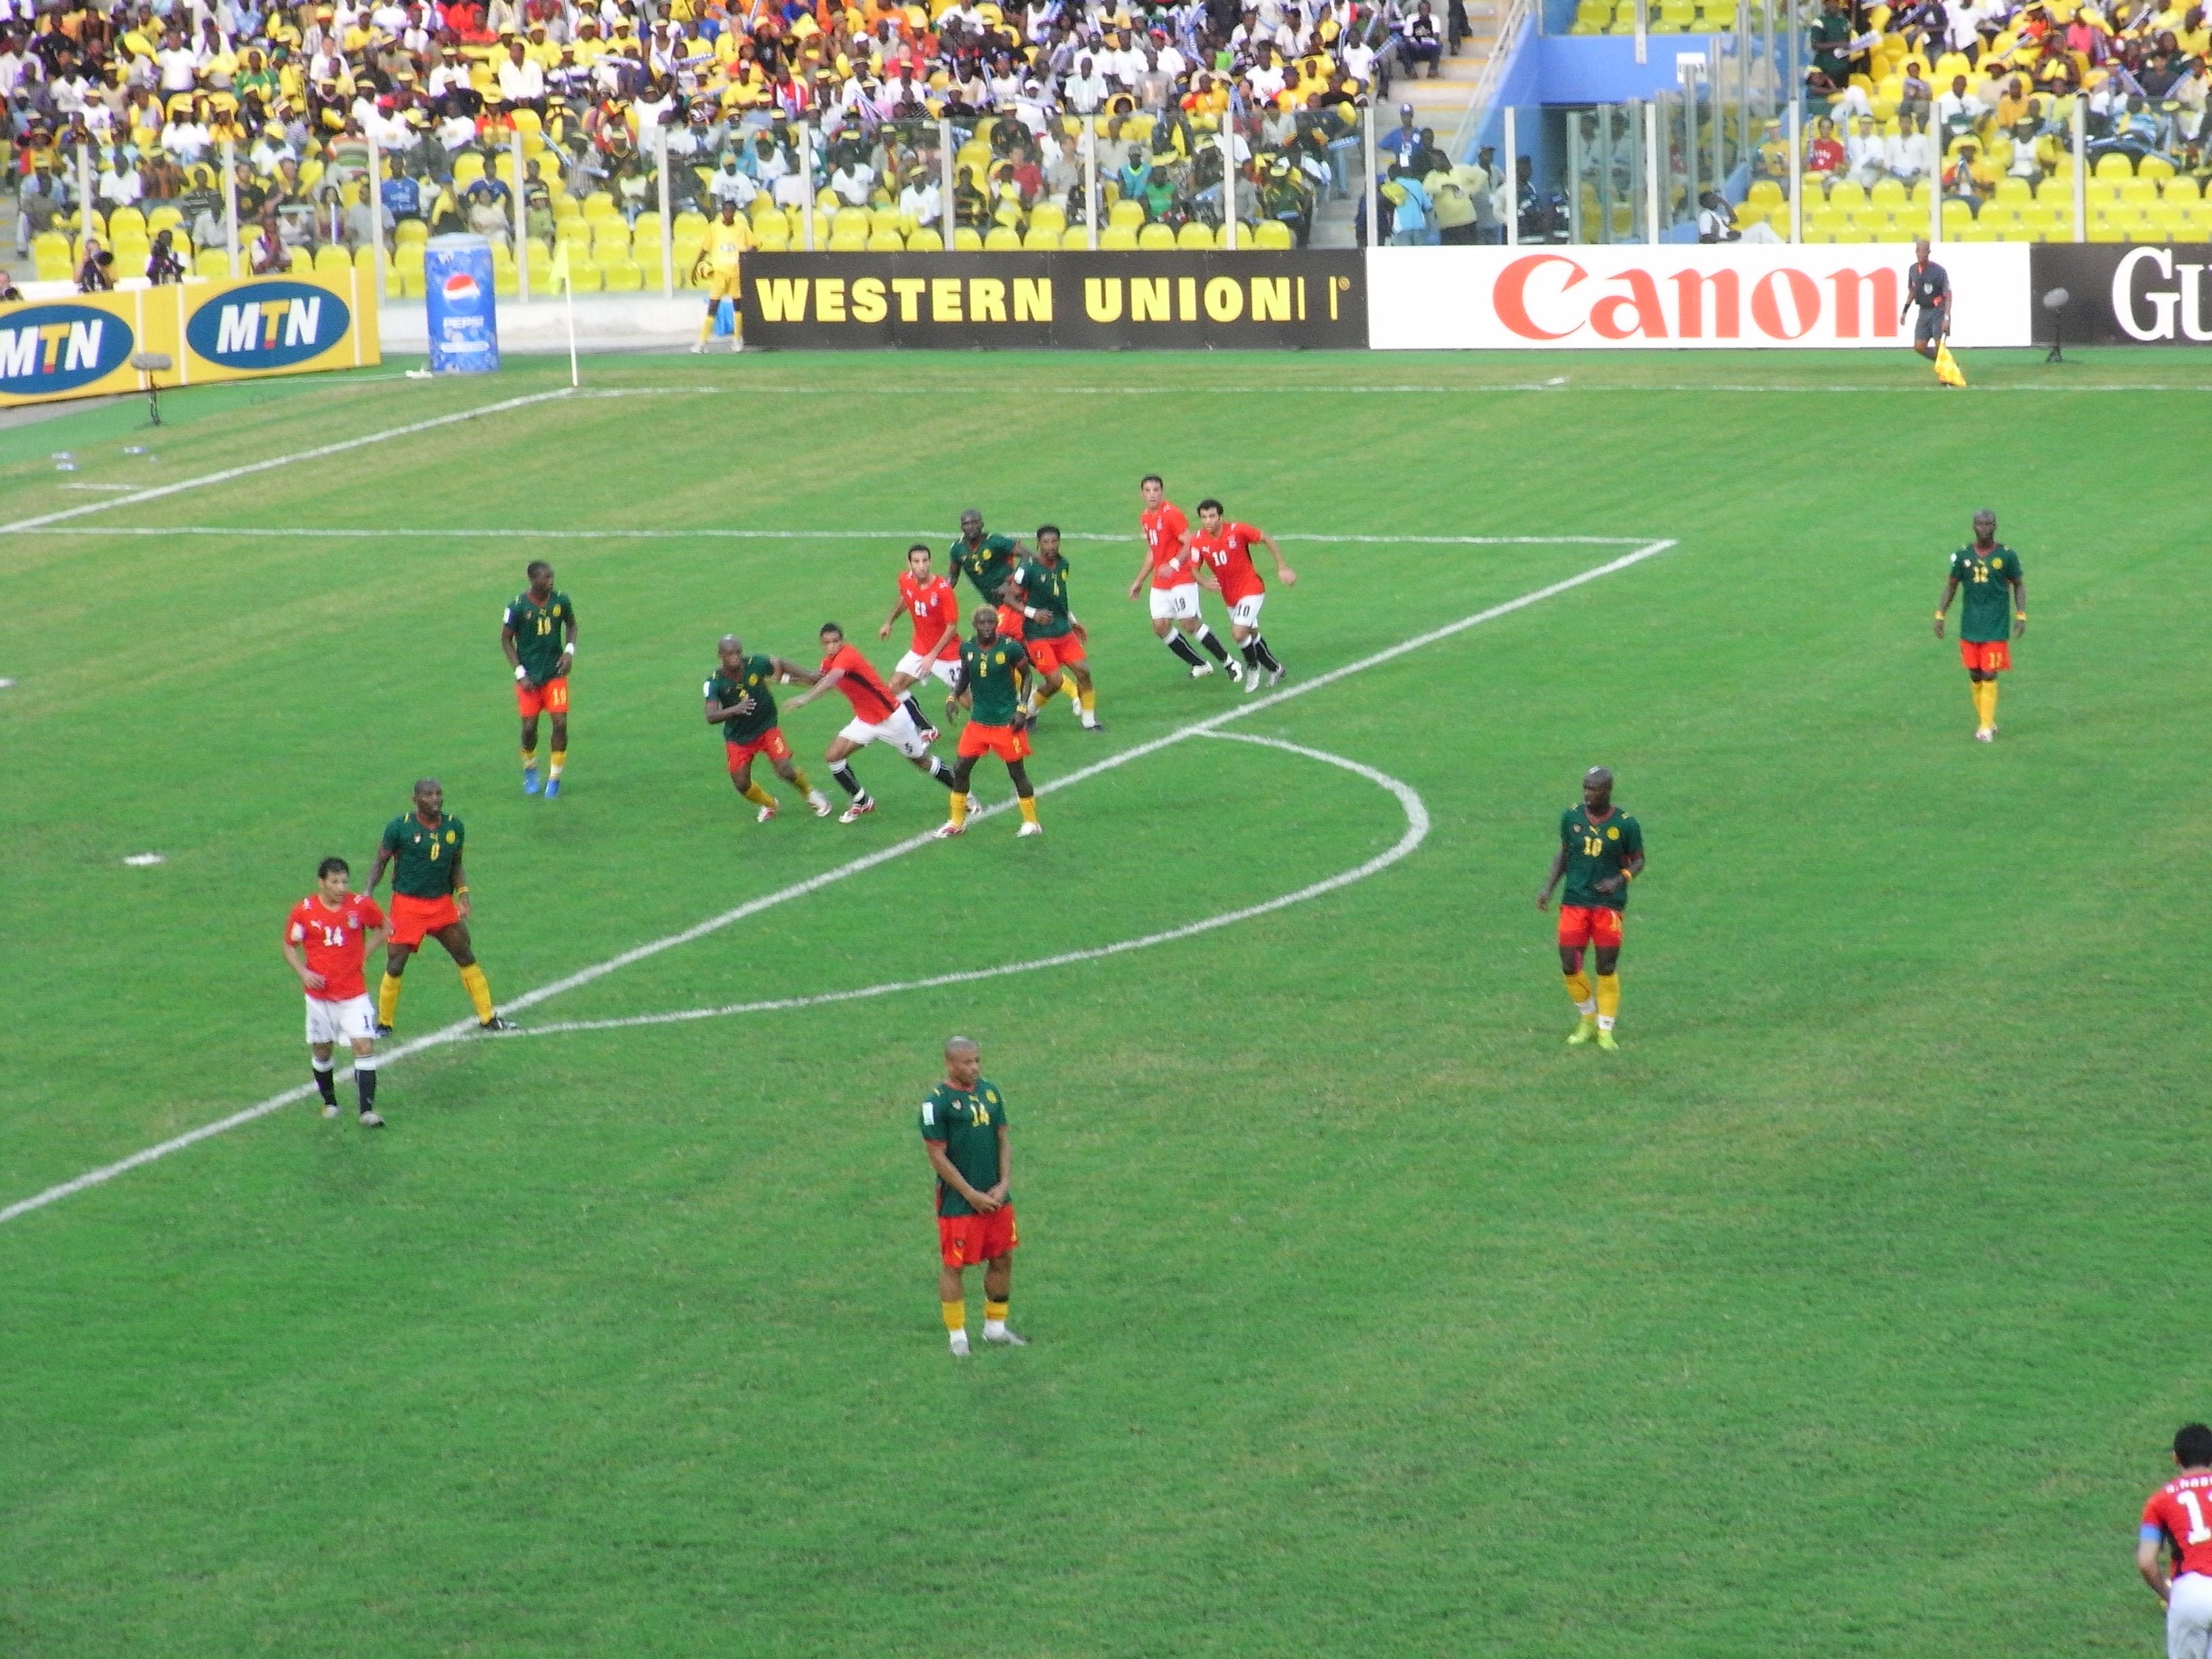 المنتخب المصري في نهائي أمم أفريقيا ٢٠٠٨ امام الكاميرون